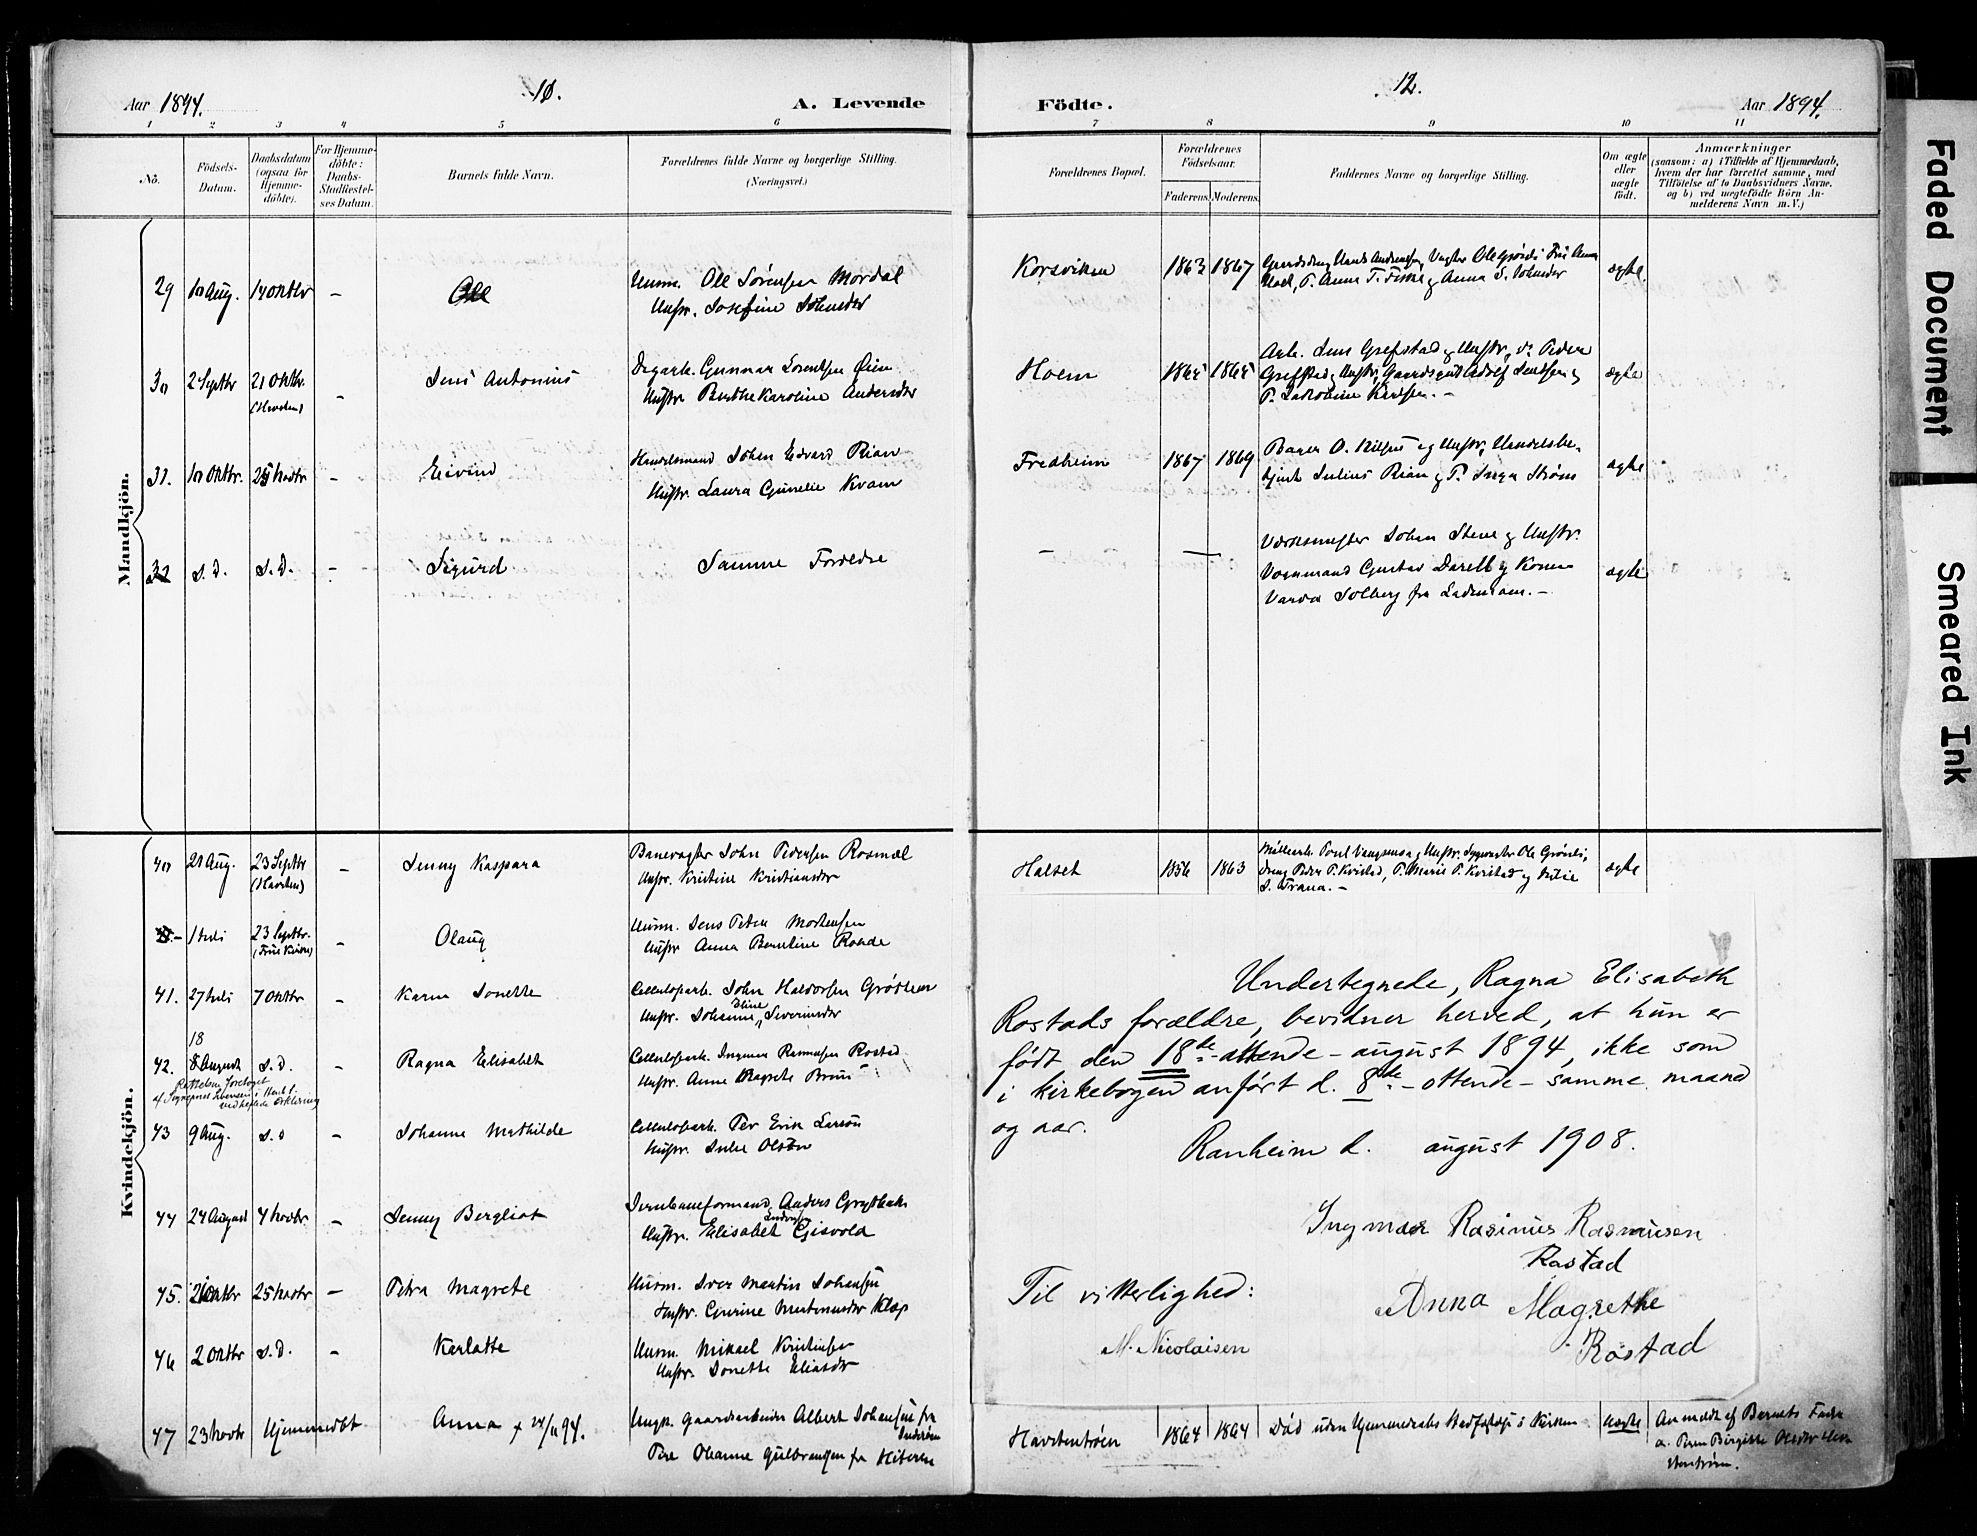 SAT, Ministerialprotokoller, klokkerbøker og fødselsregistre - Sør-Trøndelag, 606/L0301: Ministerialbok nr. 606A16, 1894-1907, s. 11-12